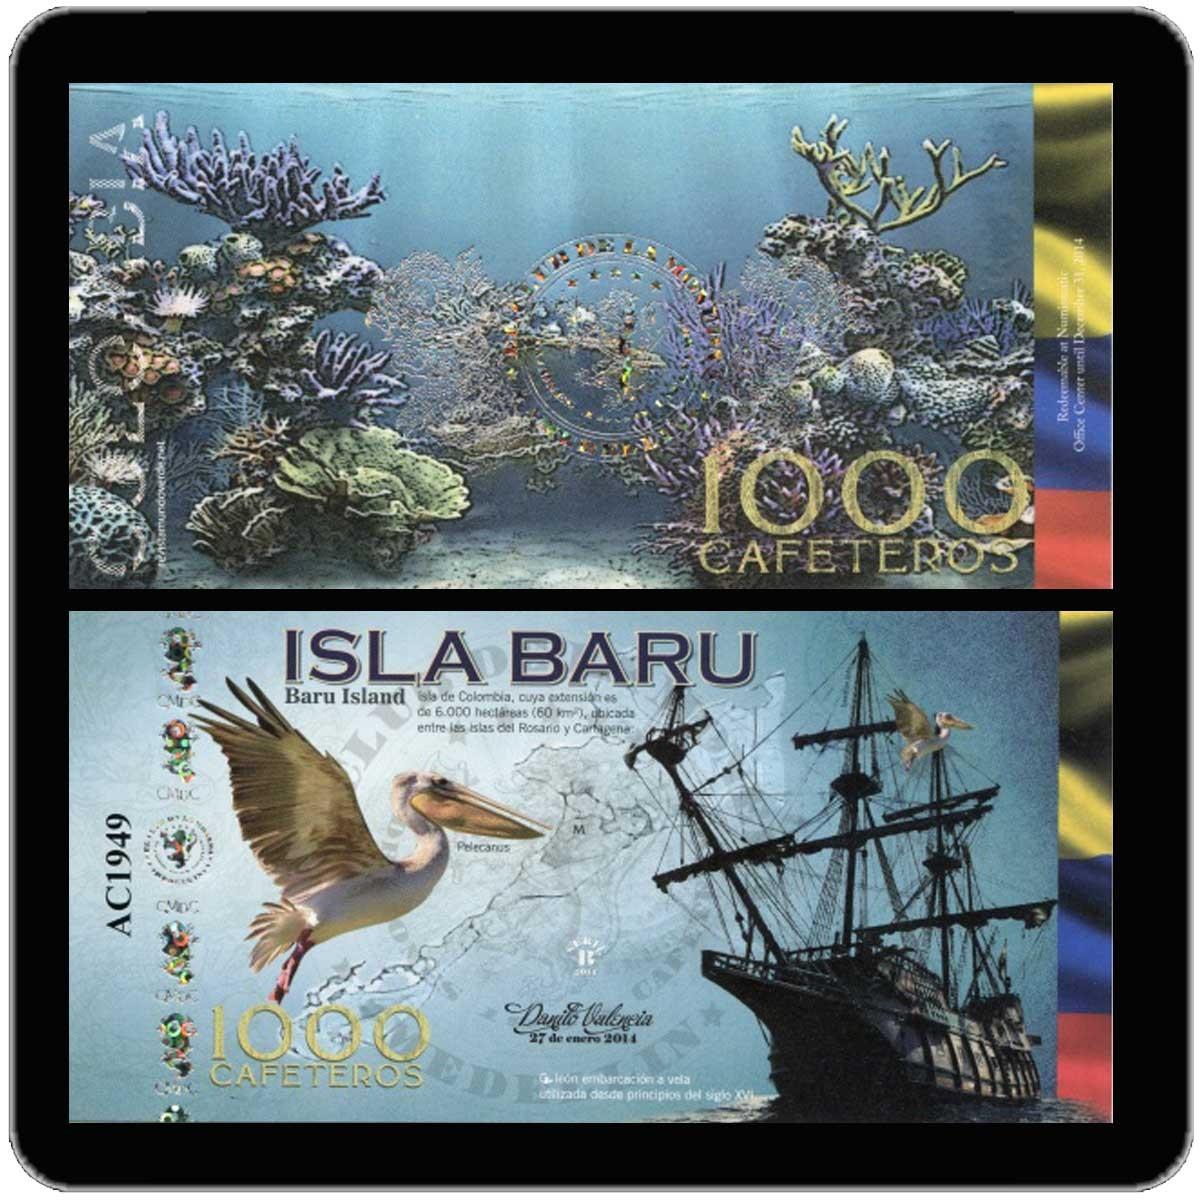 Колумбия 1000 кафетерос 2014 года (юбилейная банкнота) код 0322